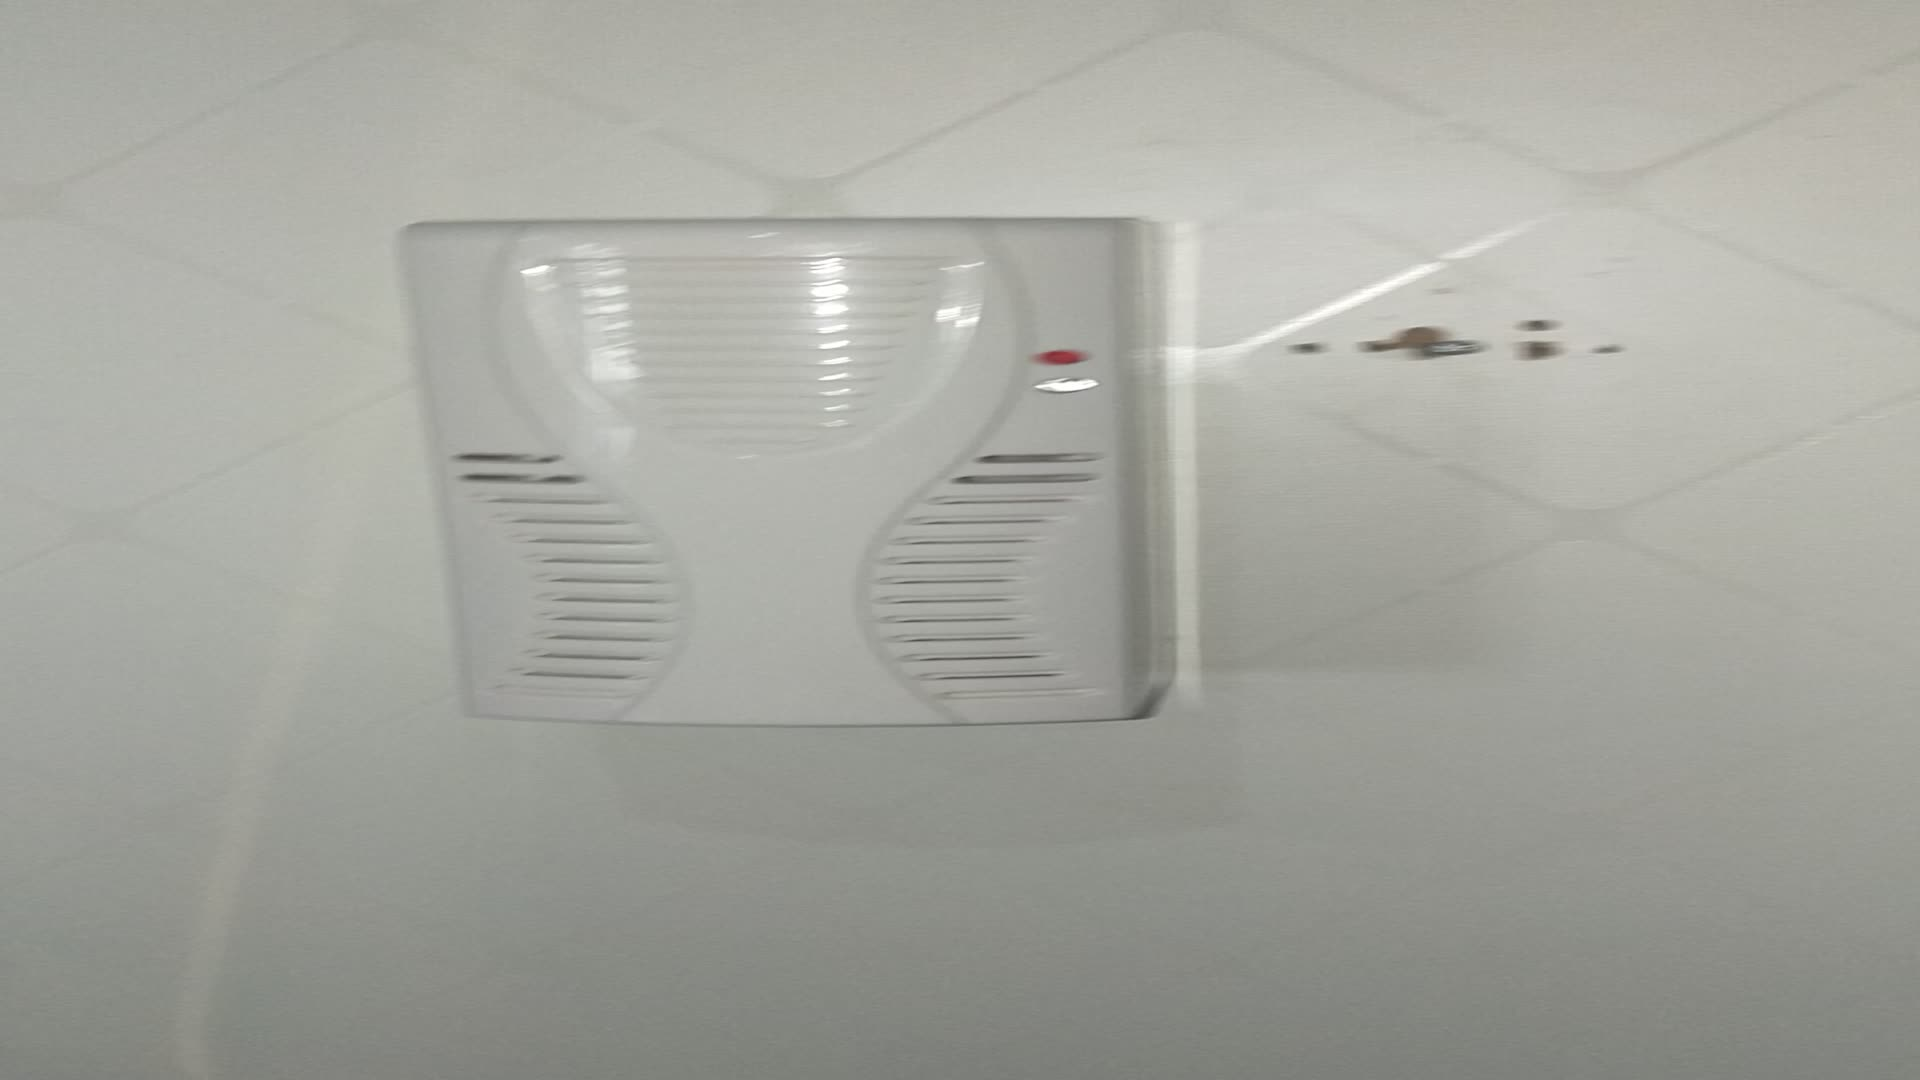 Absプラスチックファン壁掛け空気清浄車の香り香り臭いフルーツリムーバー卸売スプレー液漏れ防止ディスペンサー